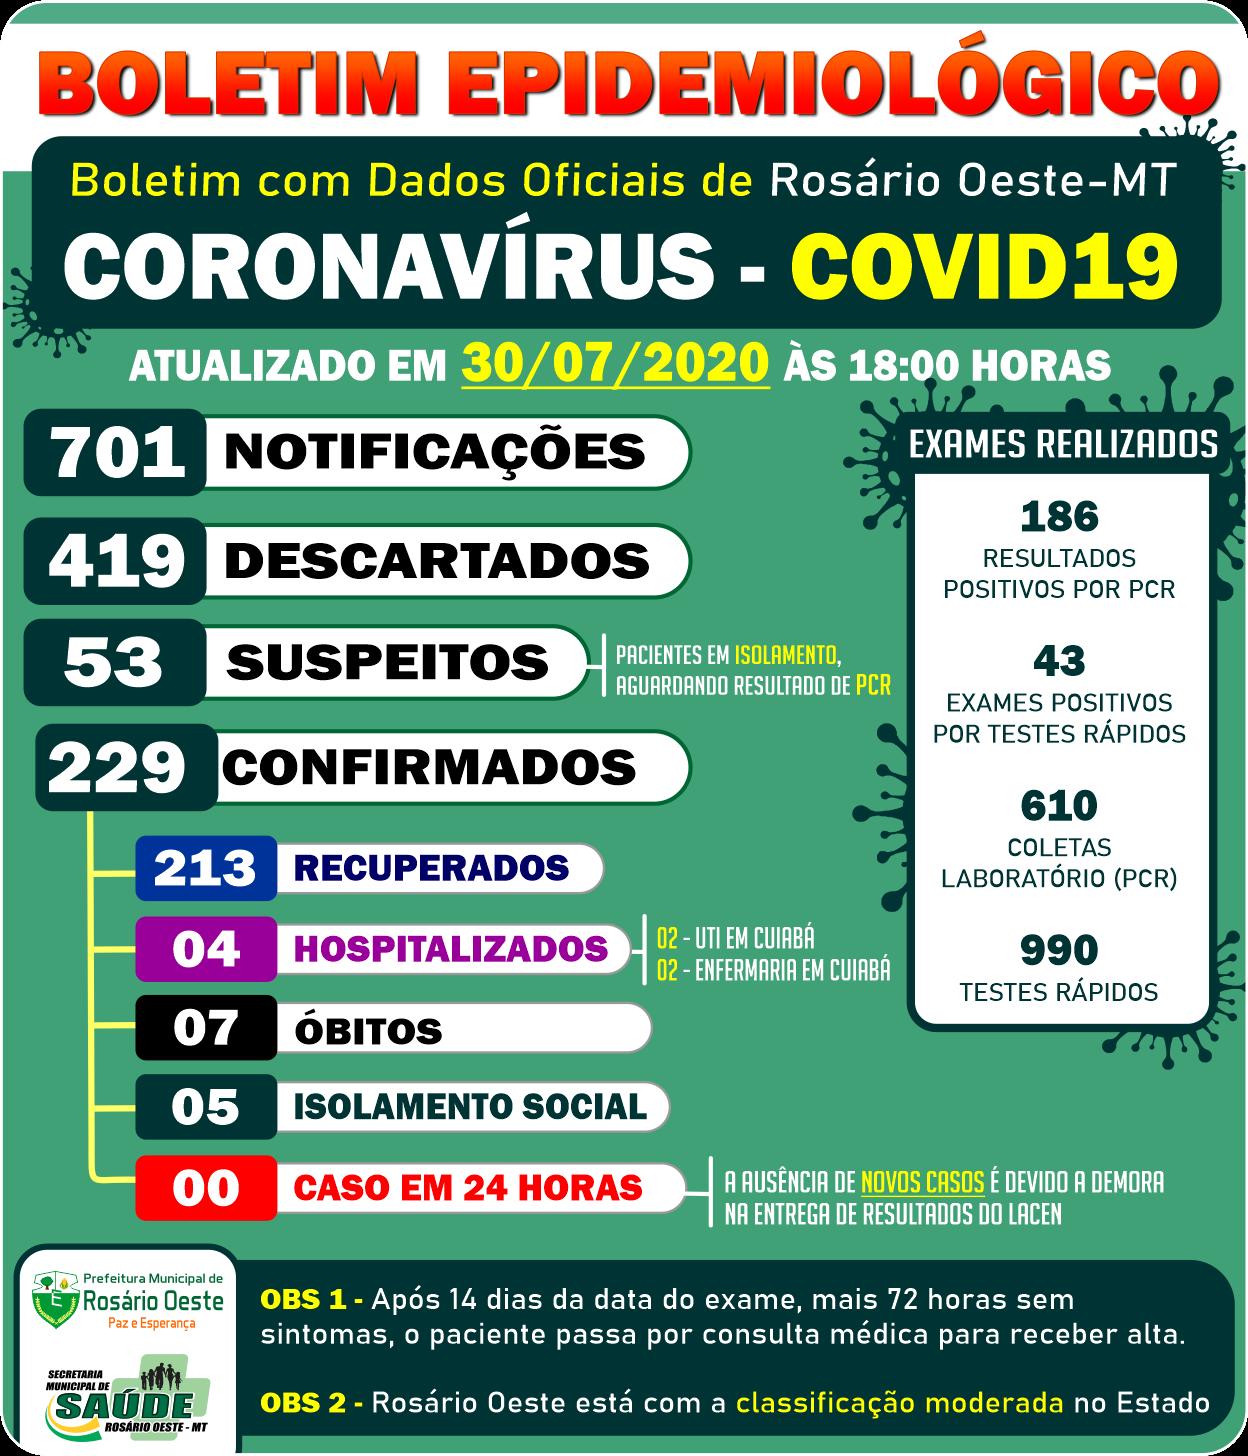 Com demora em resultados de exames Rosário Oeste registra zero caso de Covid19 em 24 horas